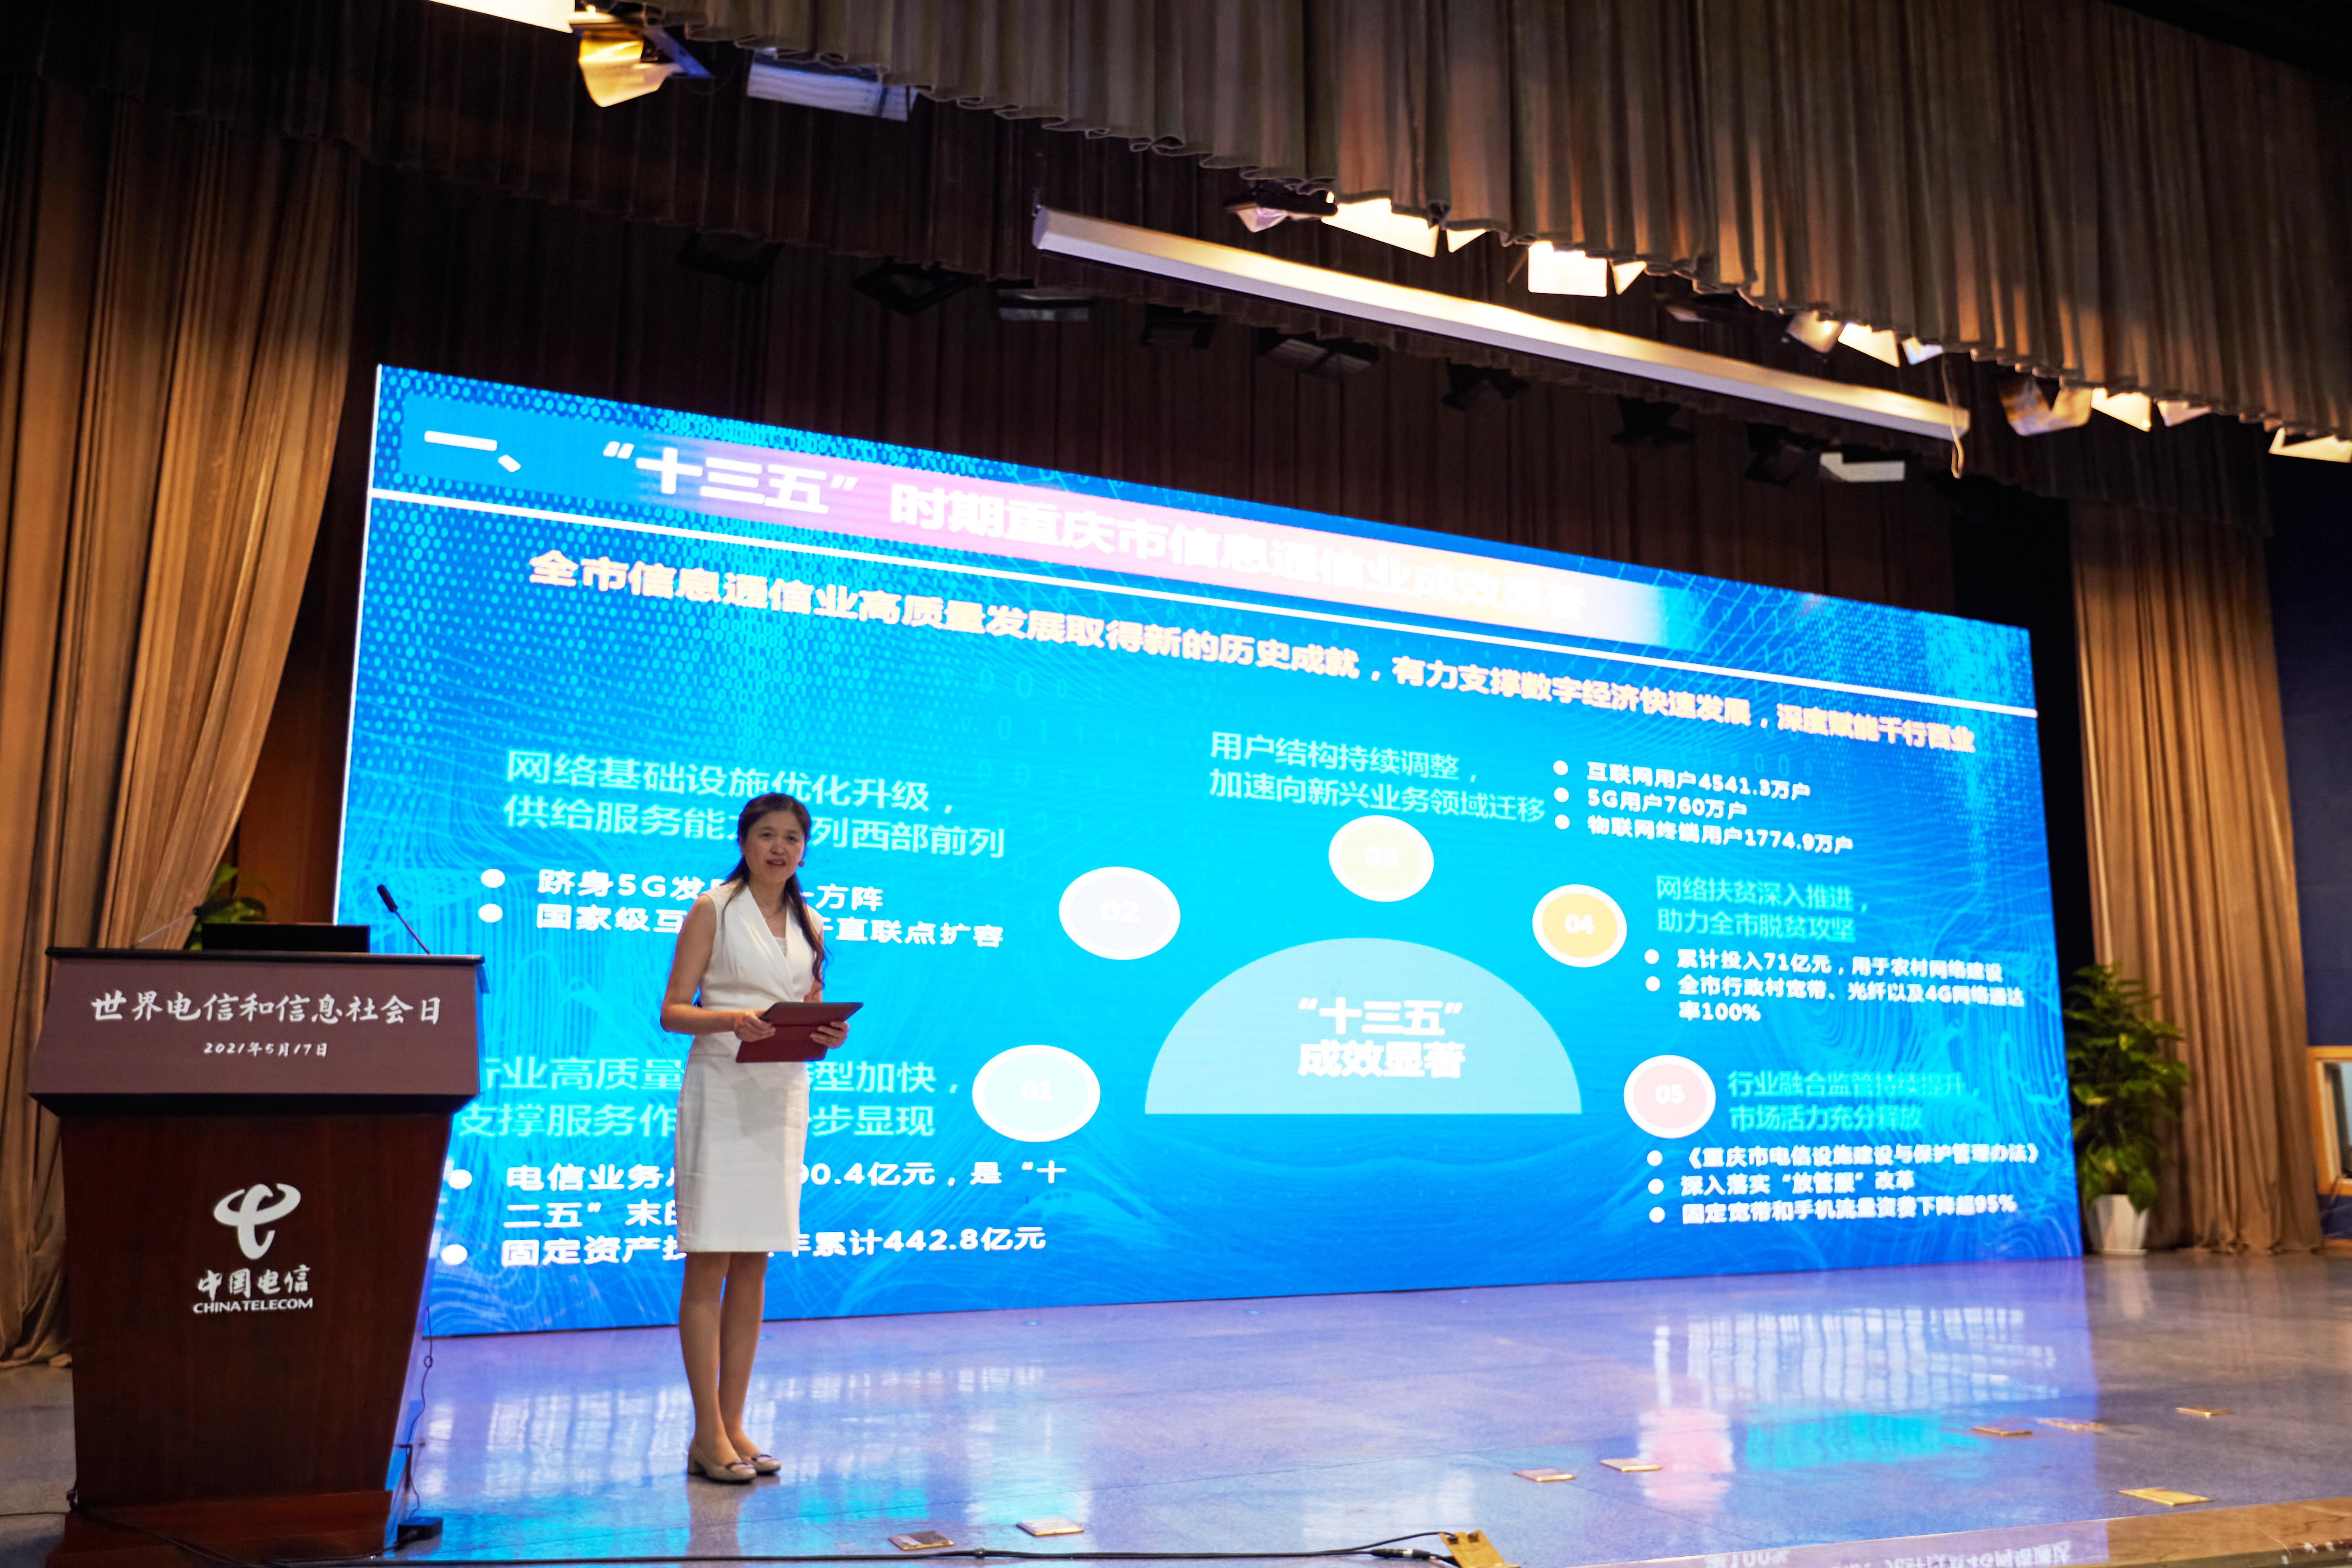 重庆提出将加快数字基建布局,打造西部区域信息枢纽